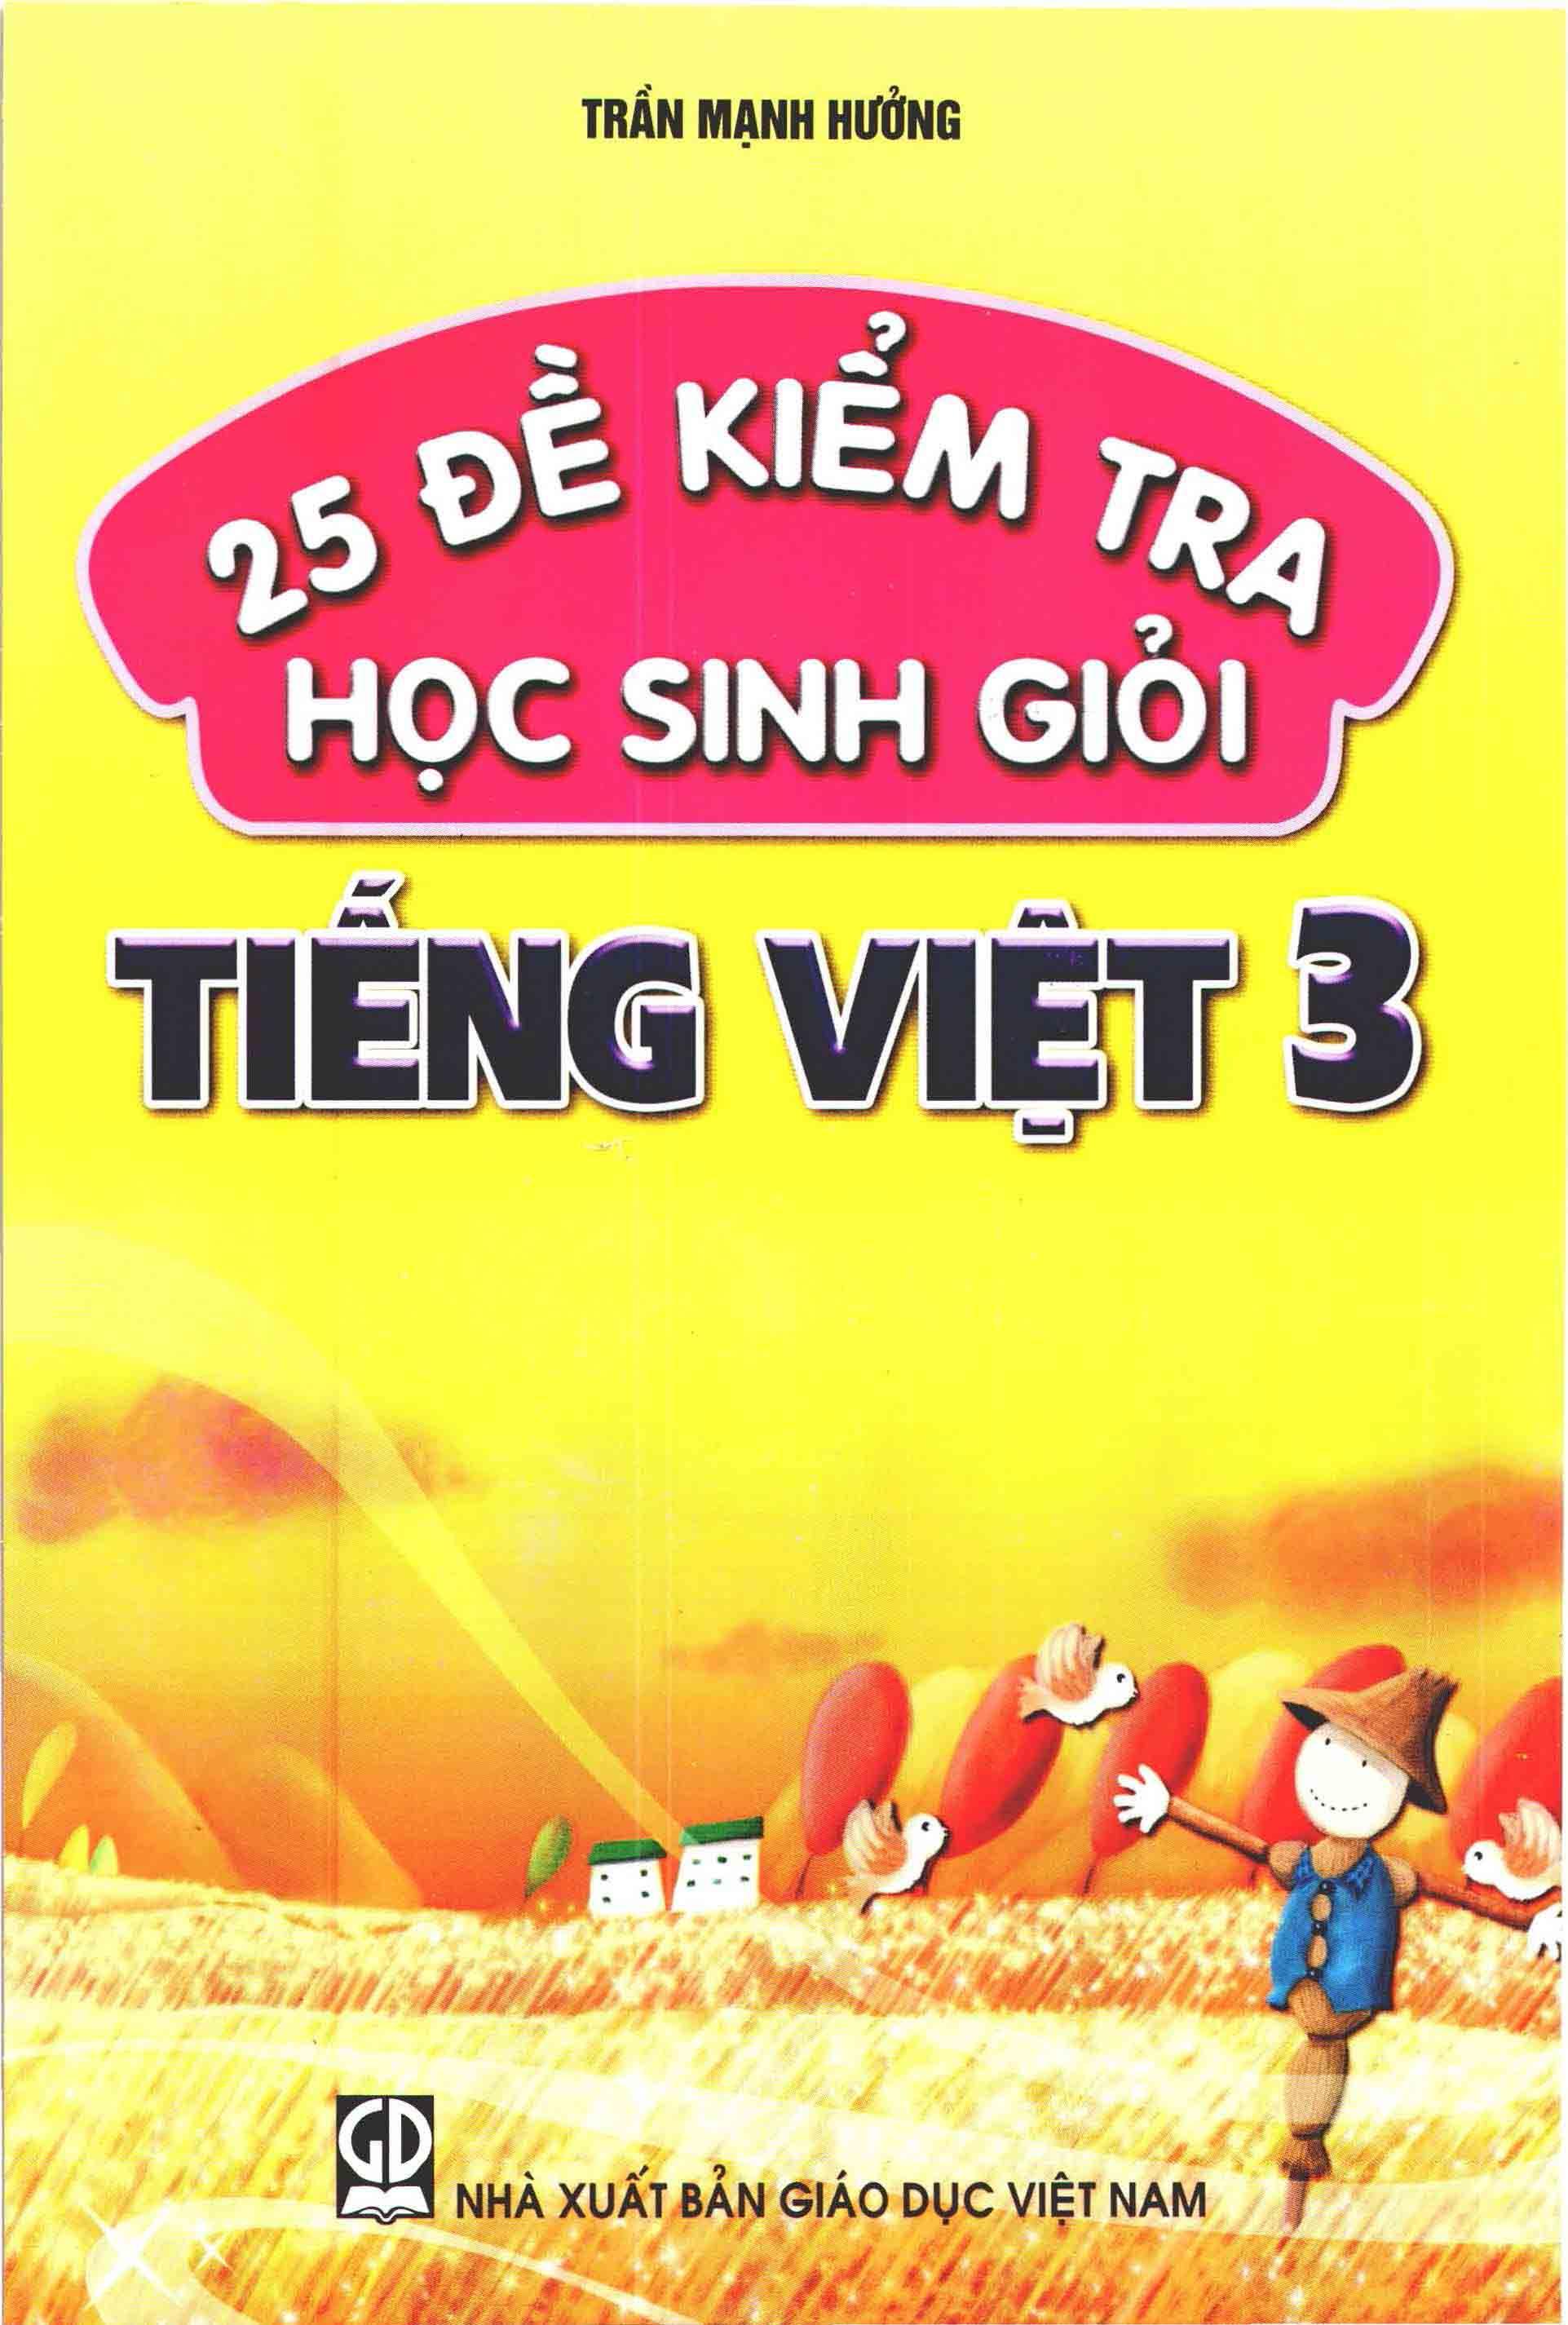 25 đề kiểm tra học sinh giỏi Tiếng Việt 3